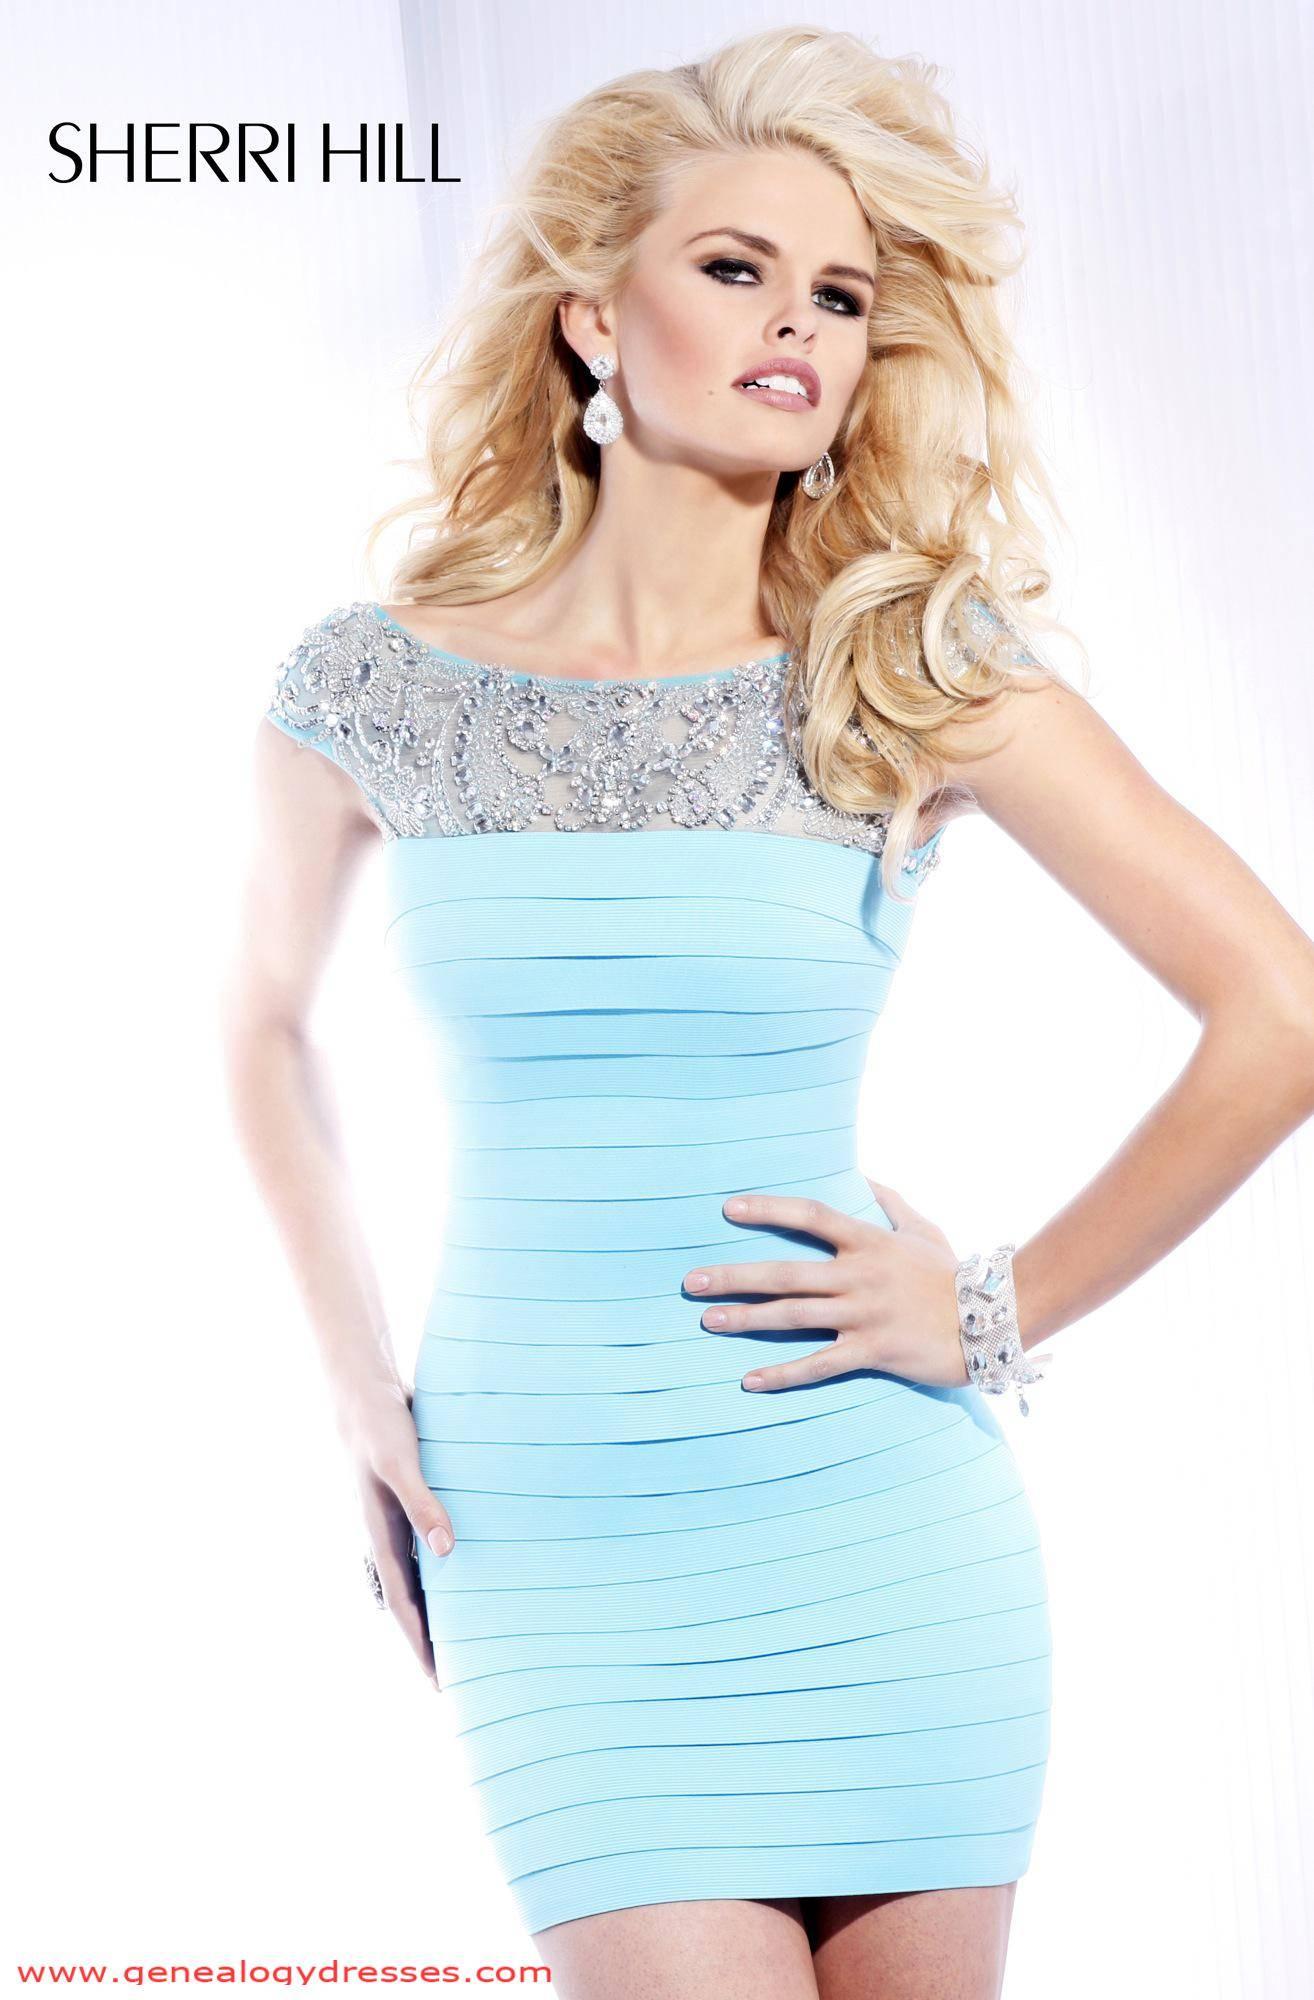 Sherri Hill 2933 - Formal Evening Prom Dress